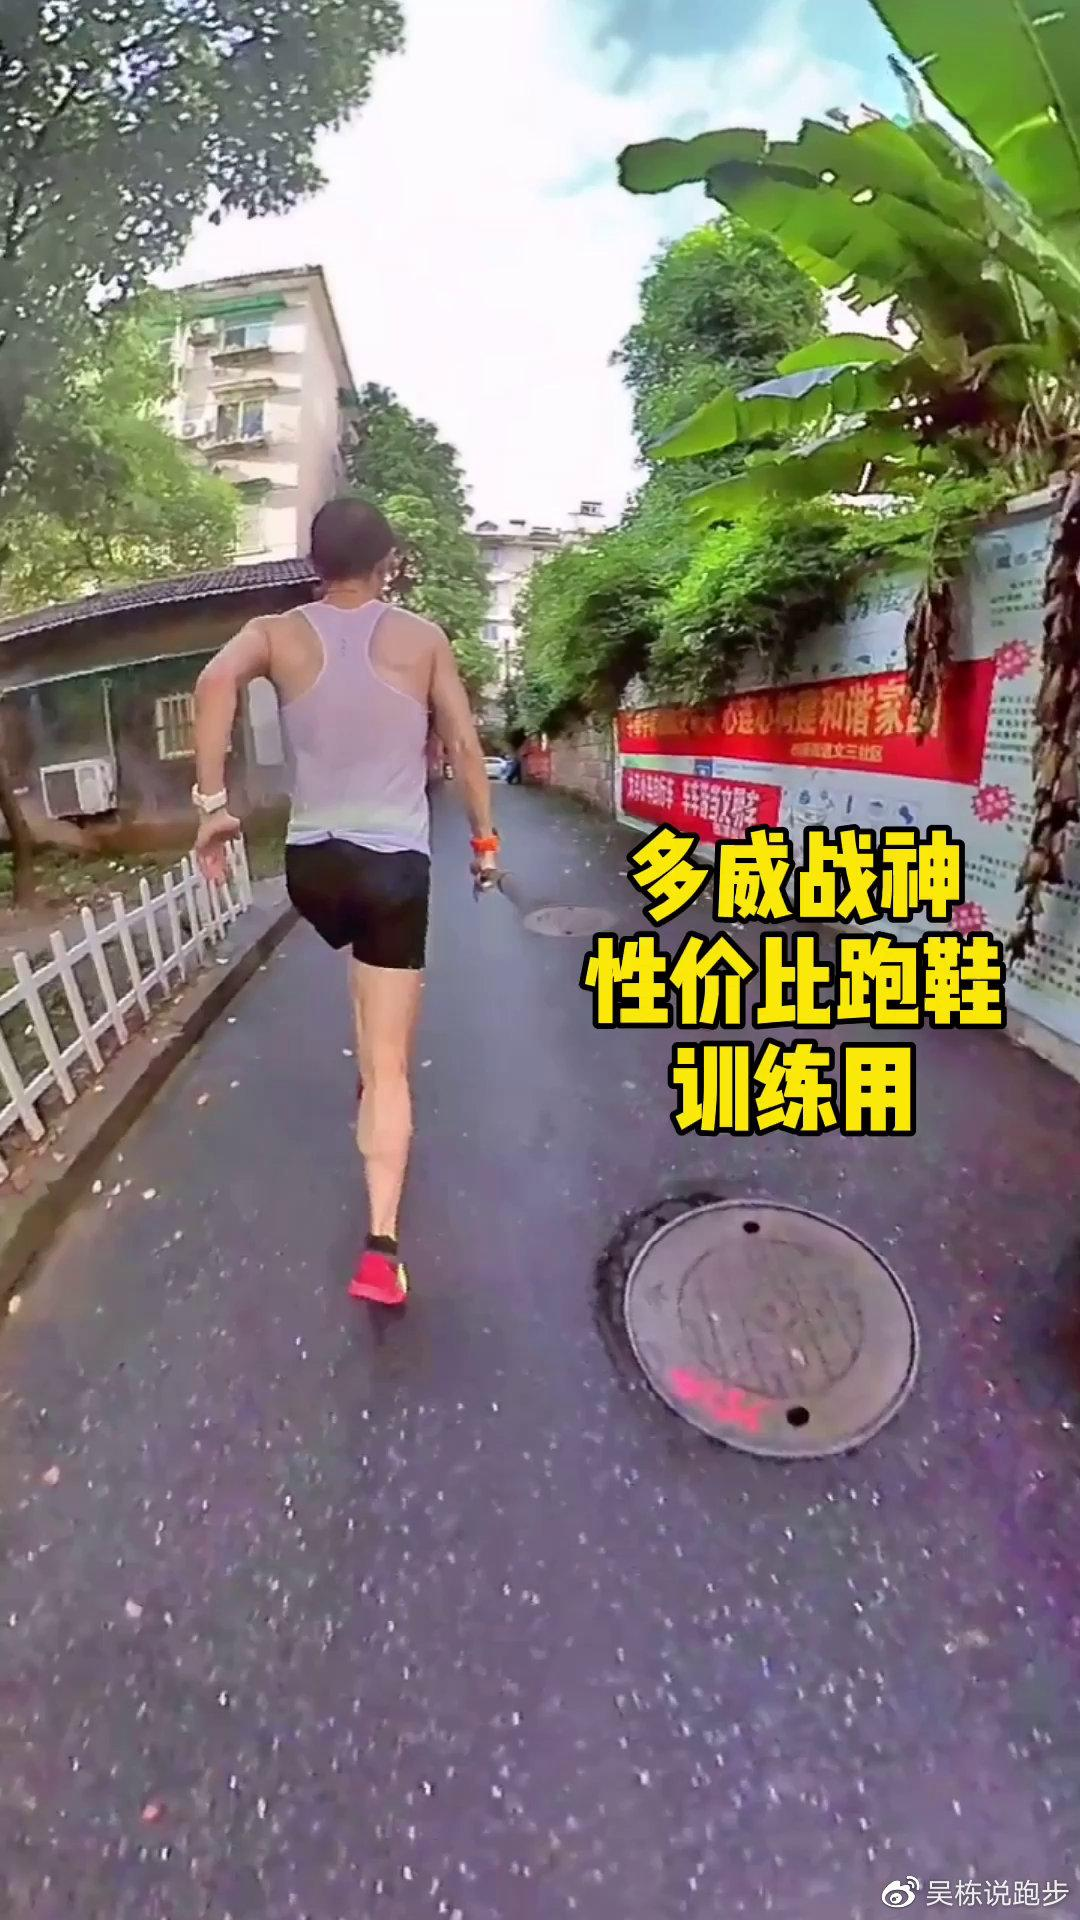 什么跑鞋训练性价比好?多威战神可以试试